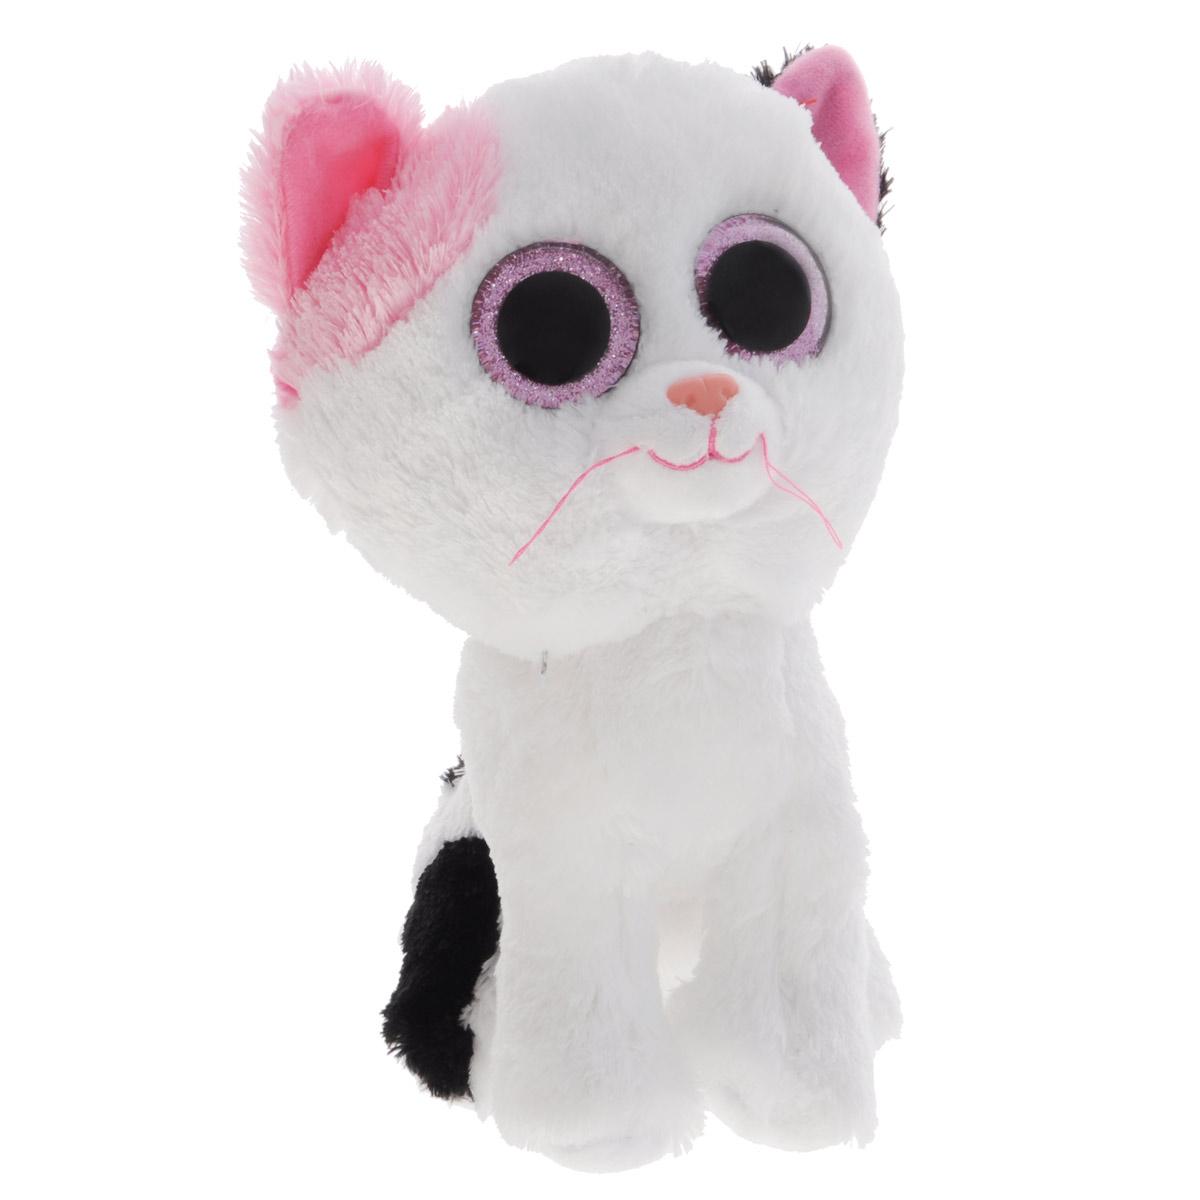 Мягкая игрушка Beanie Boos Котенок Muffin, 23 см36986Мягкая игрушка Beanie Boos Котенок Muffin выполнена в виде милого котенка. Оригинальная мягкая игрушка способна развеселить как ребенка, так и взрослого. Глазки и носик у игрушки пластиковые. Игрушка невероятно мягкая и приятная на ощупь, вам не захочется выпускать ее из рук. Специальные гранулы, используемые при ее набивке, способствуют развитию мелкой моторики рук малыша. Великолепное качество исполнения делают эту игрушку чудесным подарком к любому празднику. Детям от 3 лет до 10 лет.